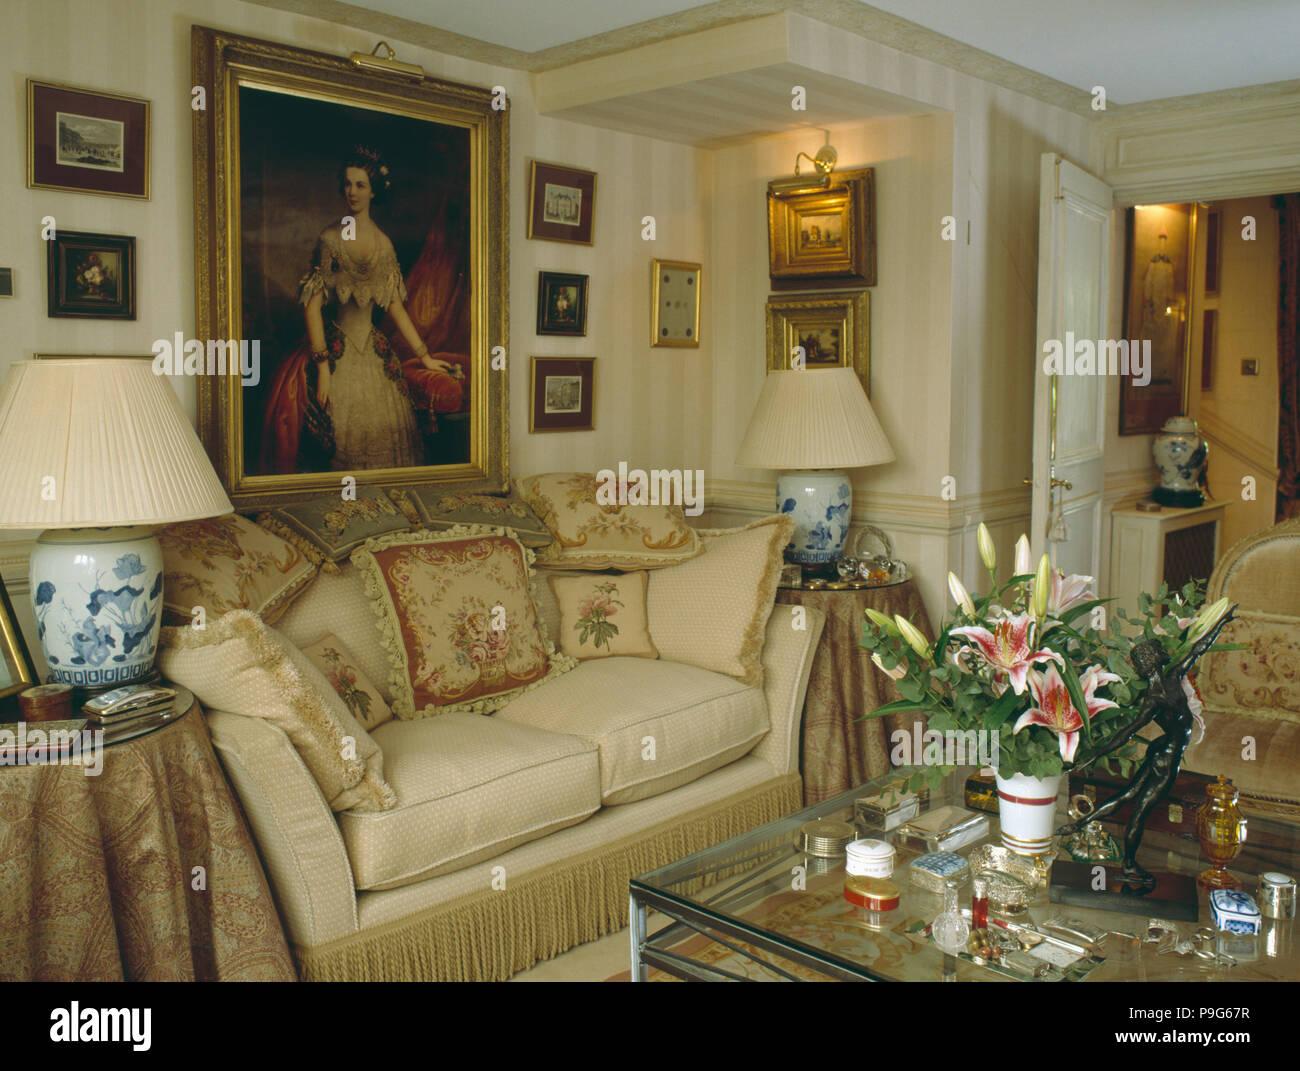 Großes Ölgemälde über Sahne Sofa Mit Kissen In Kleine Neutrale Reihenhaus  Wohnzimmer Gestapelt